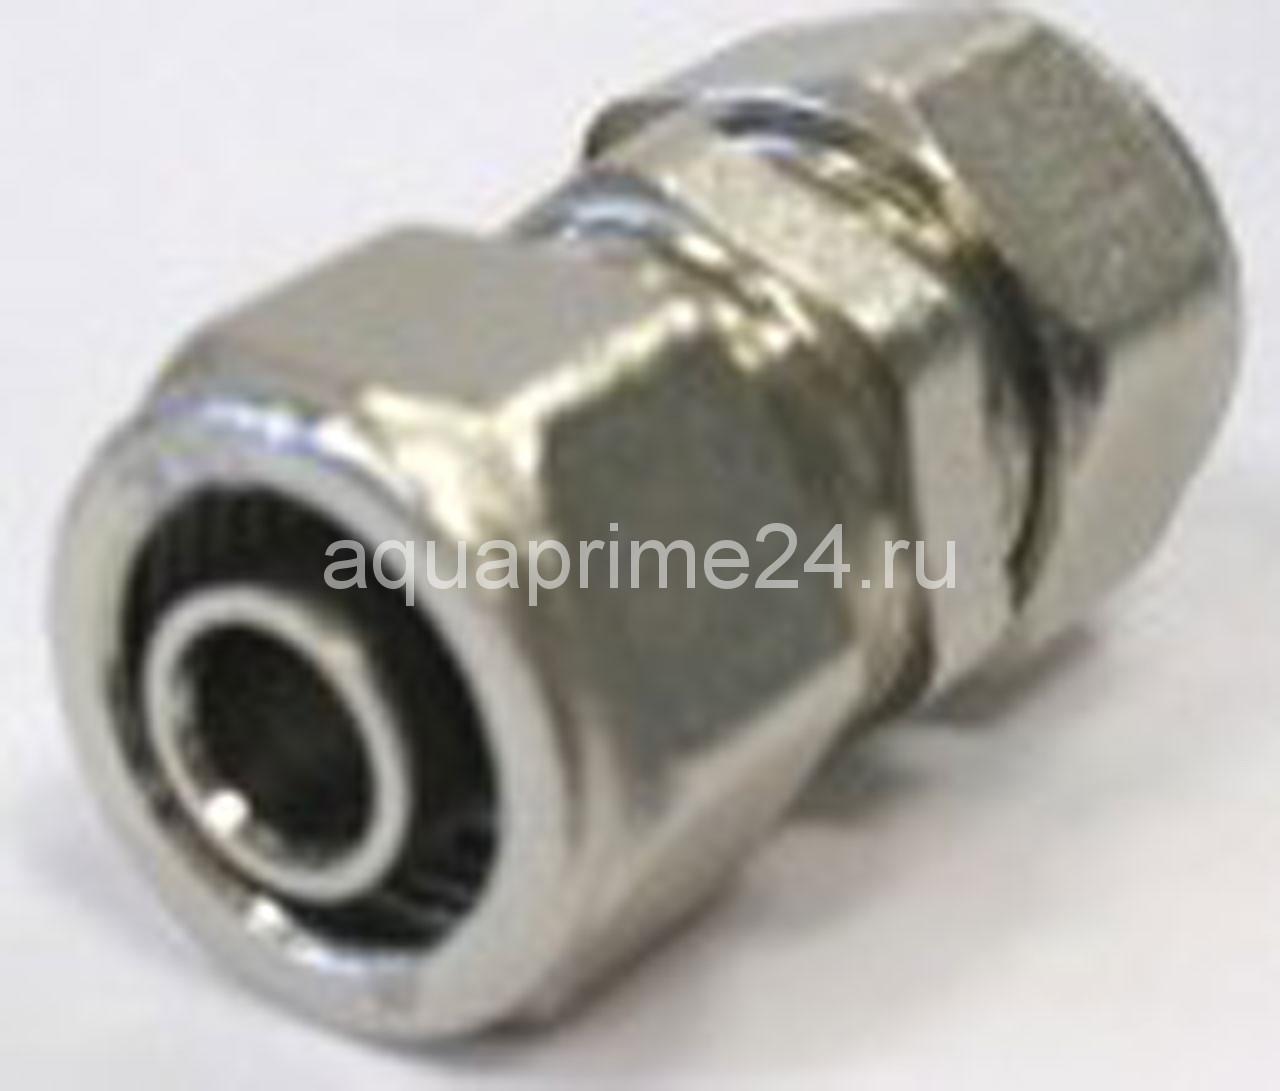 Sobime Муфта компрессионная, латунь, никелированная, арт.1501600N  16мм